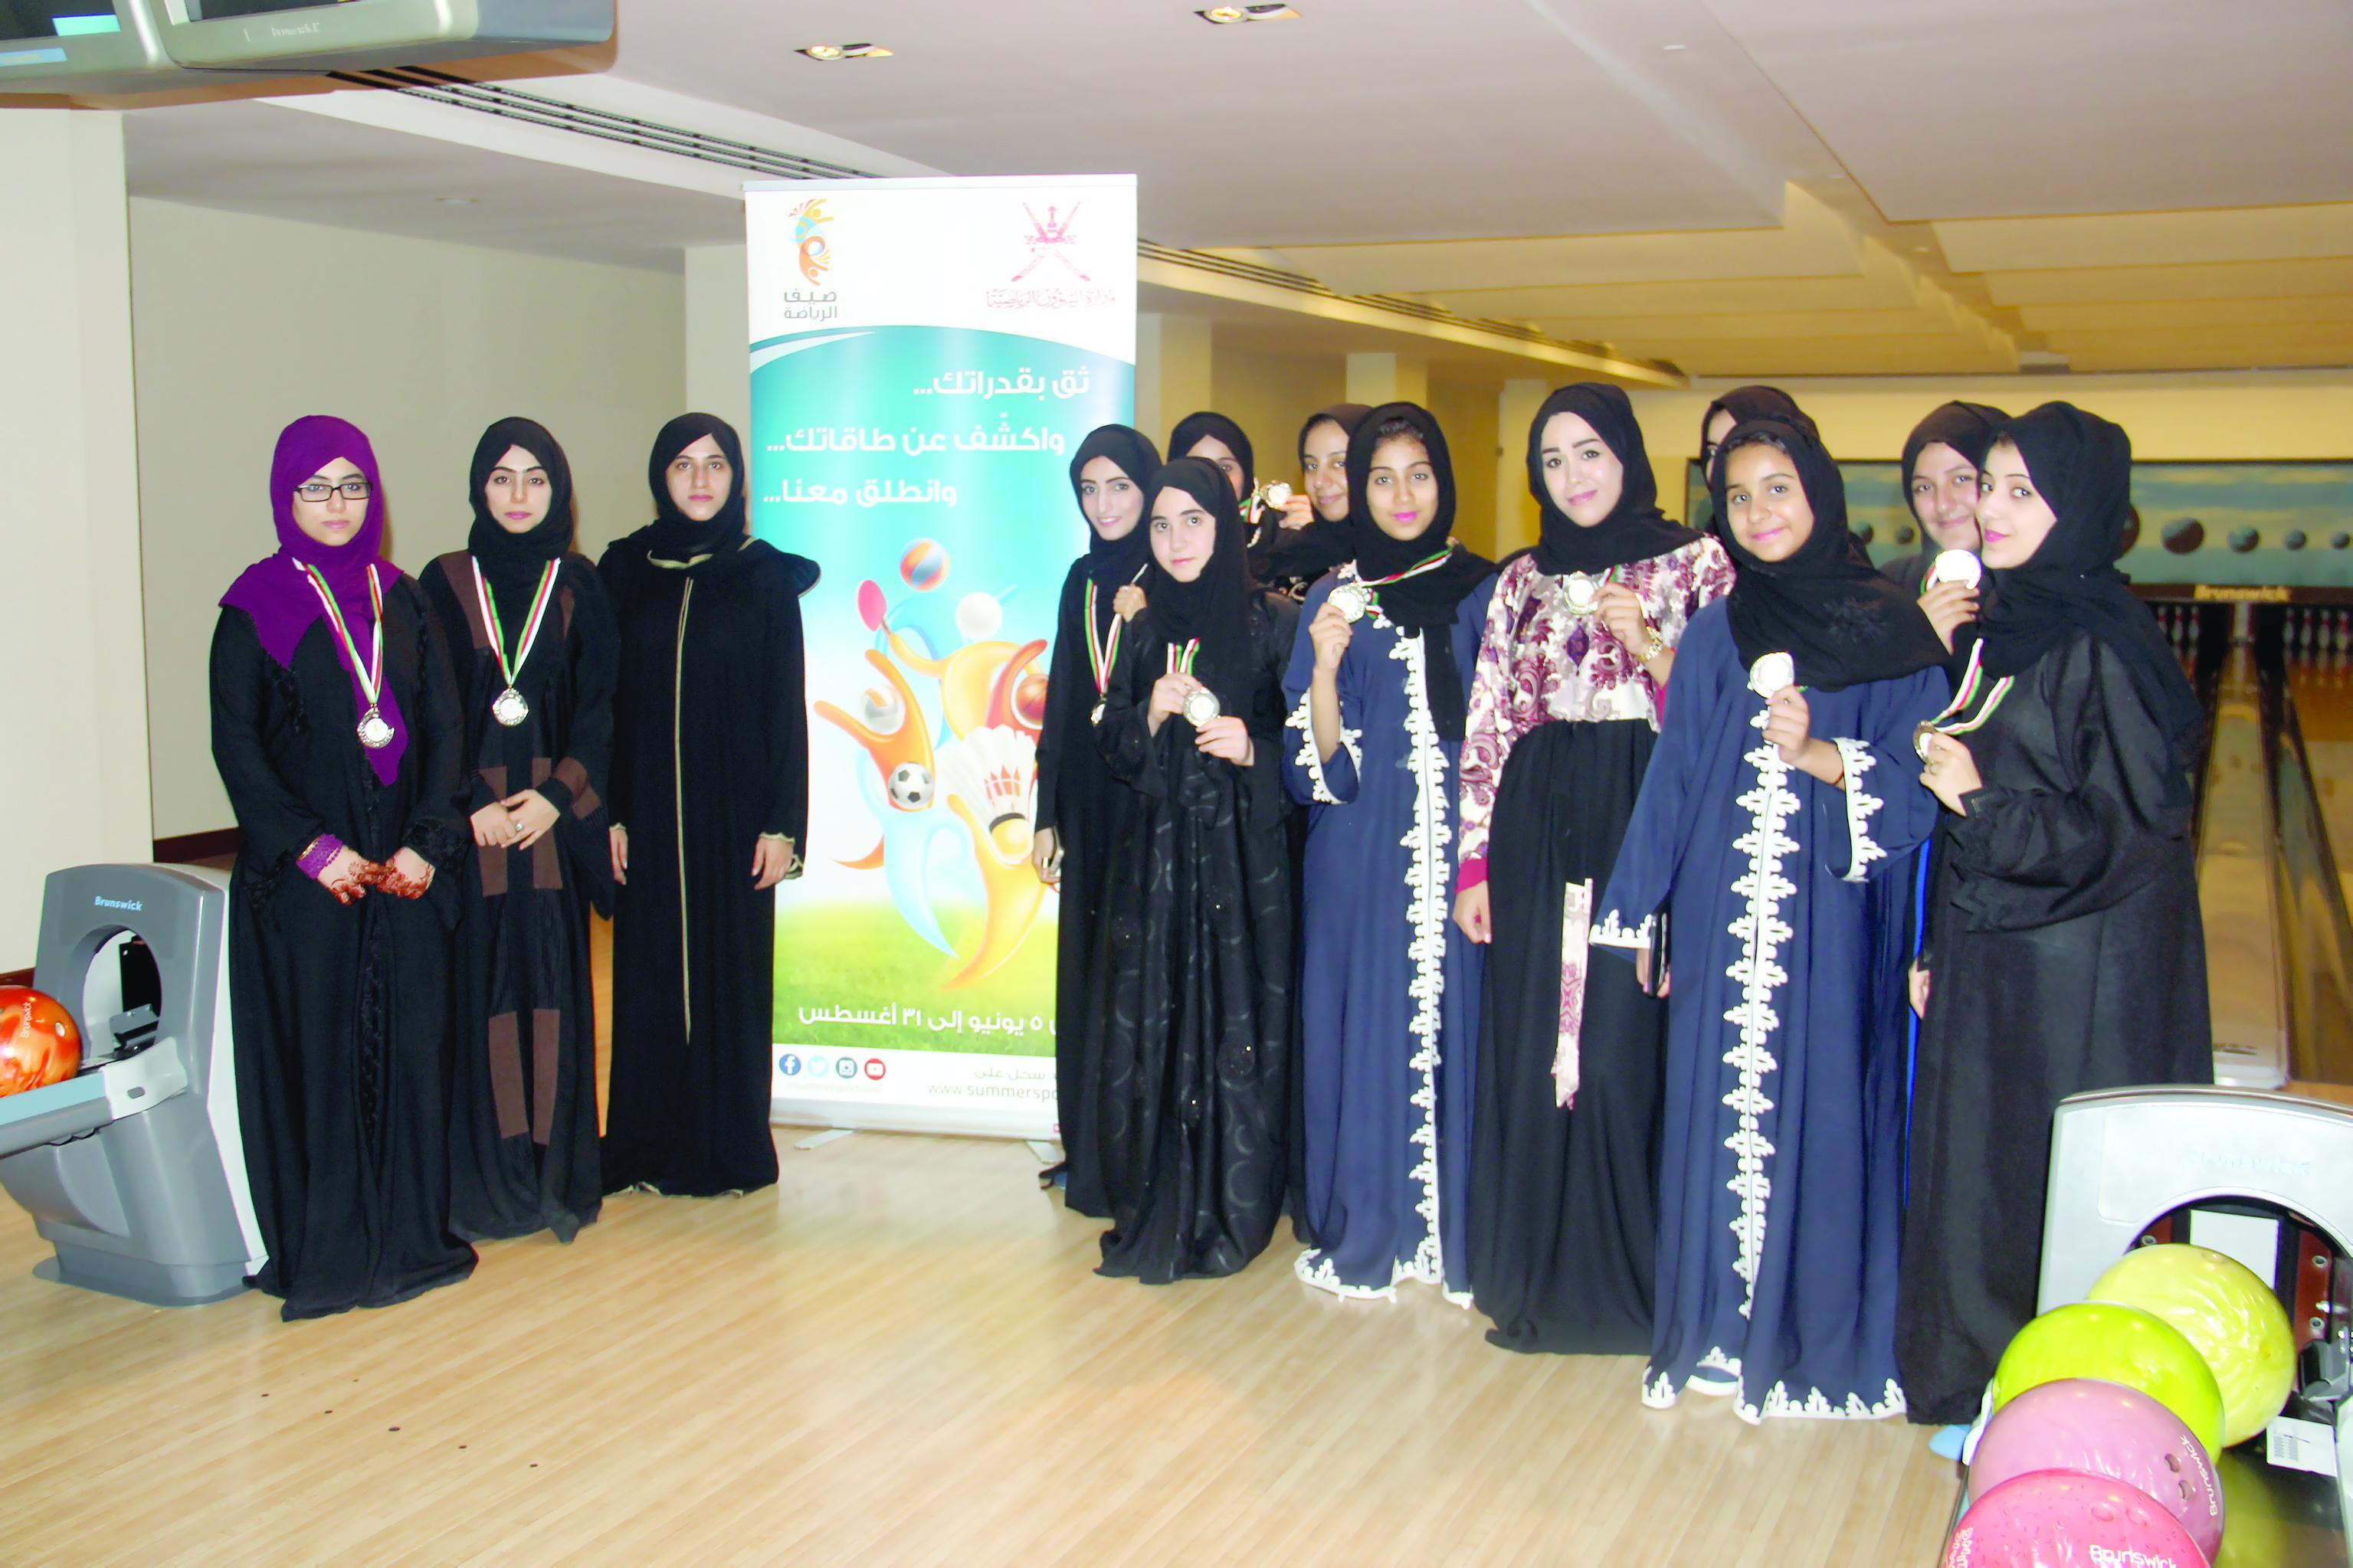 يوم رياضي مفتوح للبولينج لفتيات محافظة شمال الباطنة